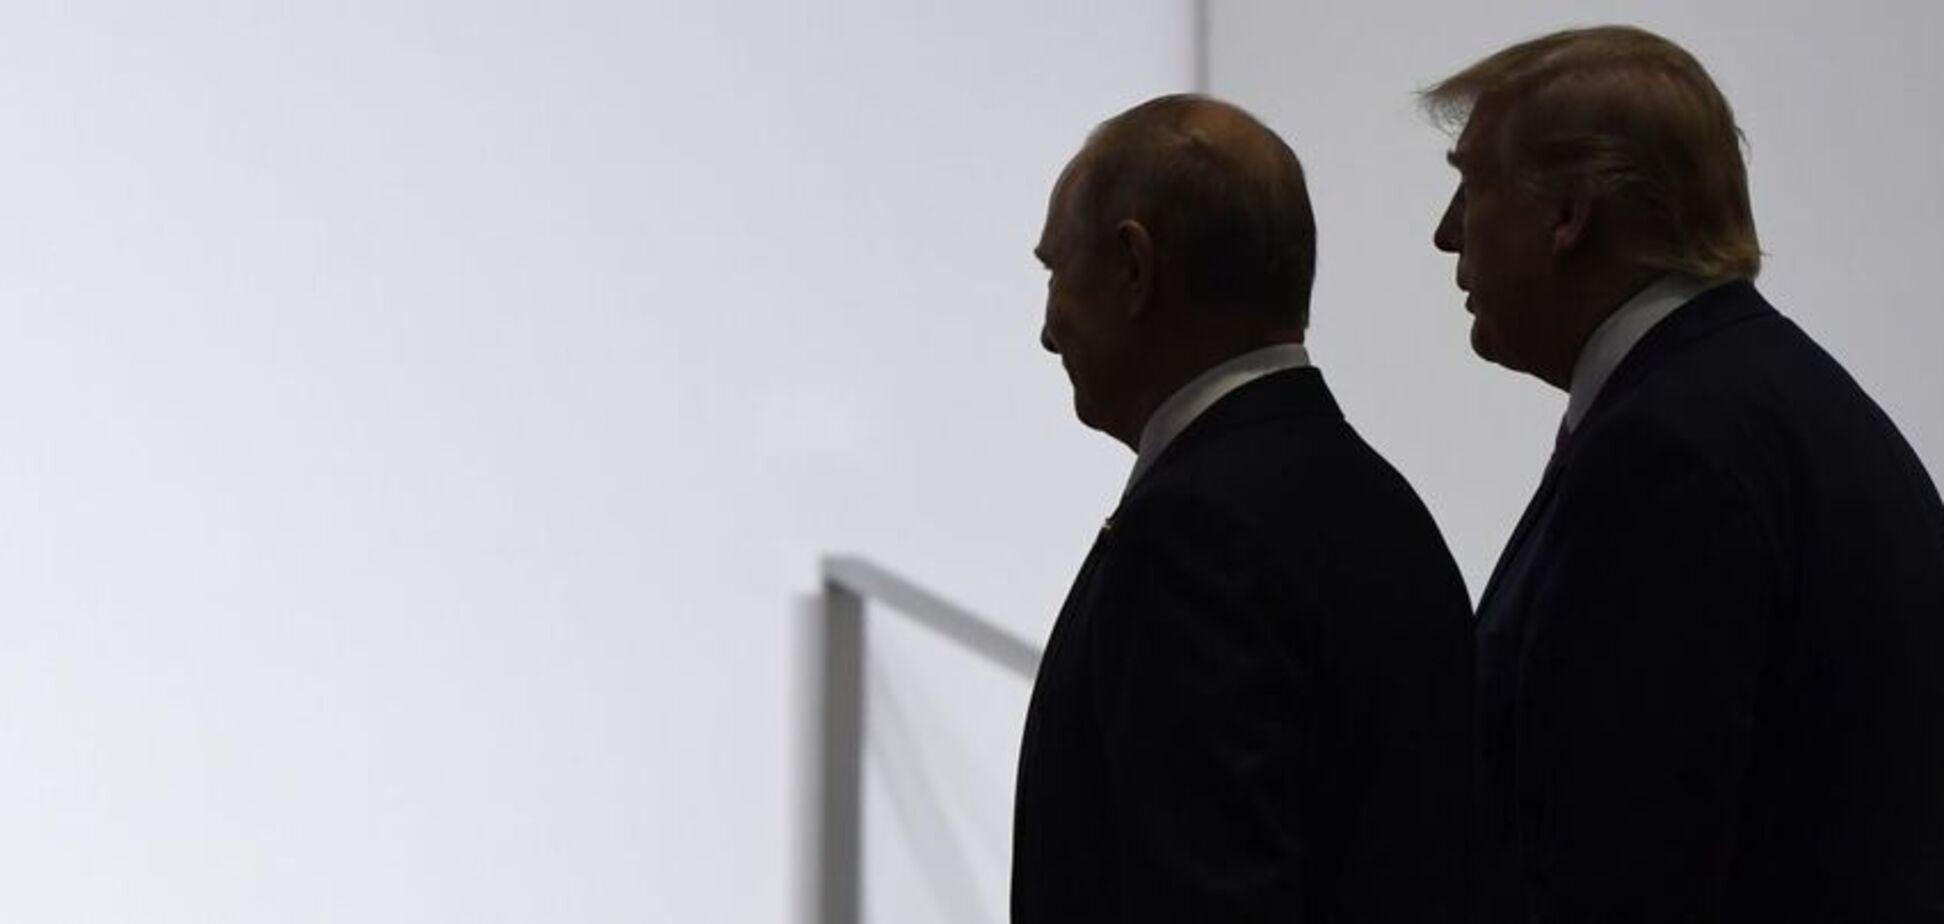 'При Порошенко так не было': в 'ЕС' отреагировали на наглые заявления из Москвы